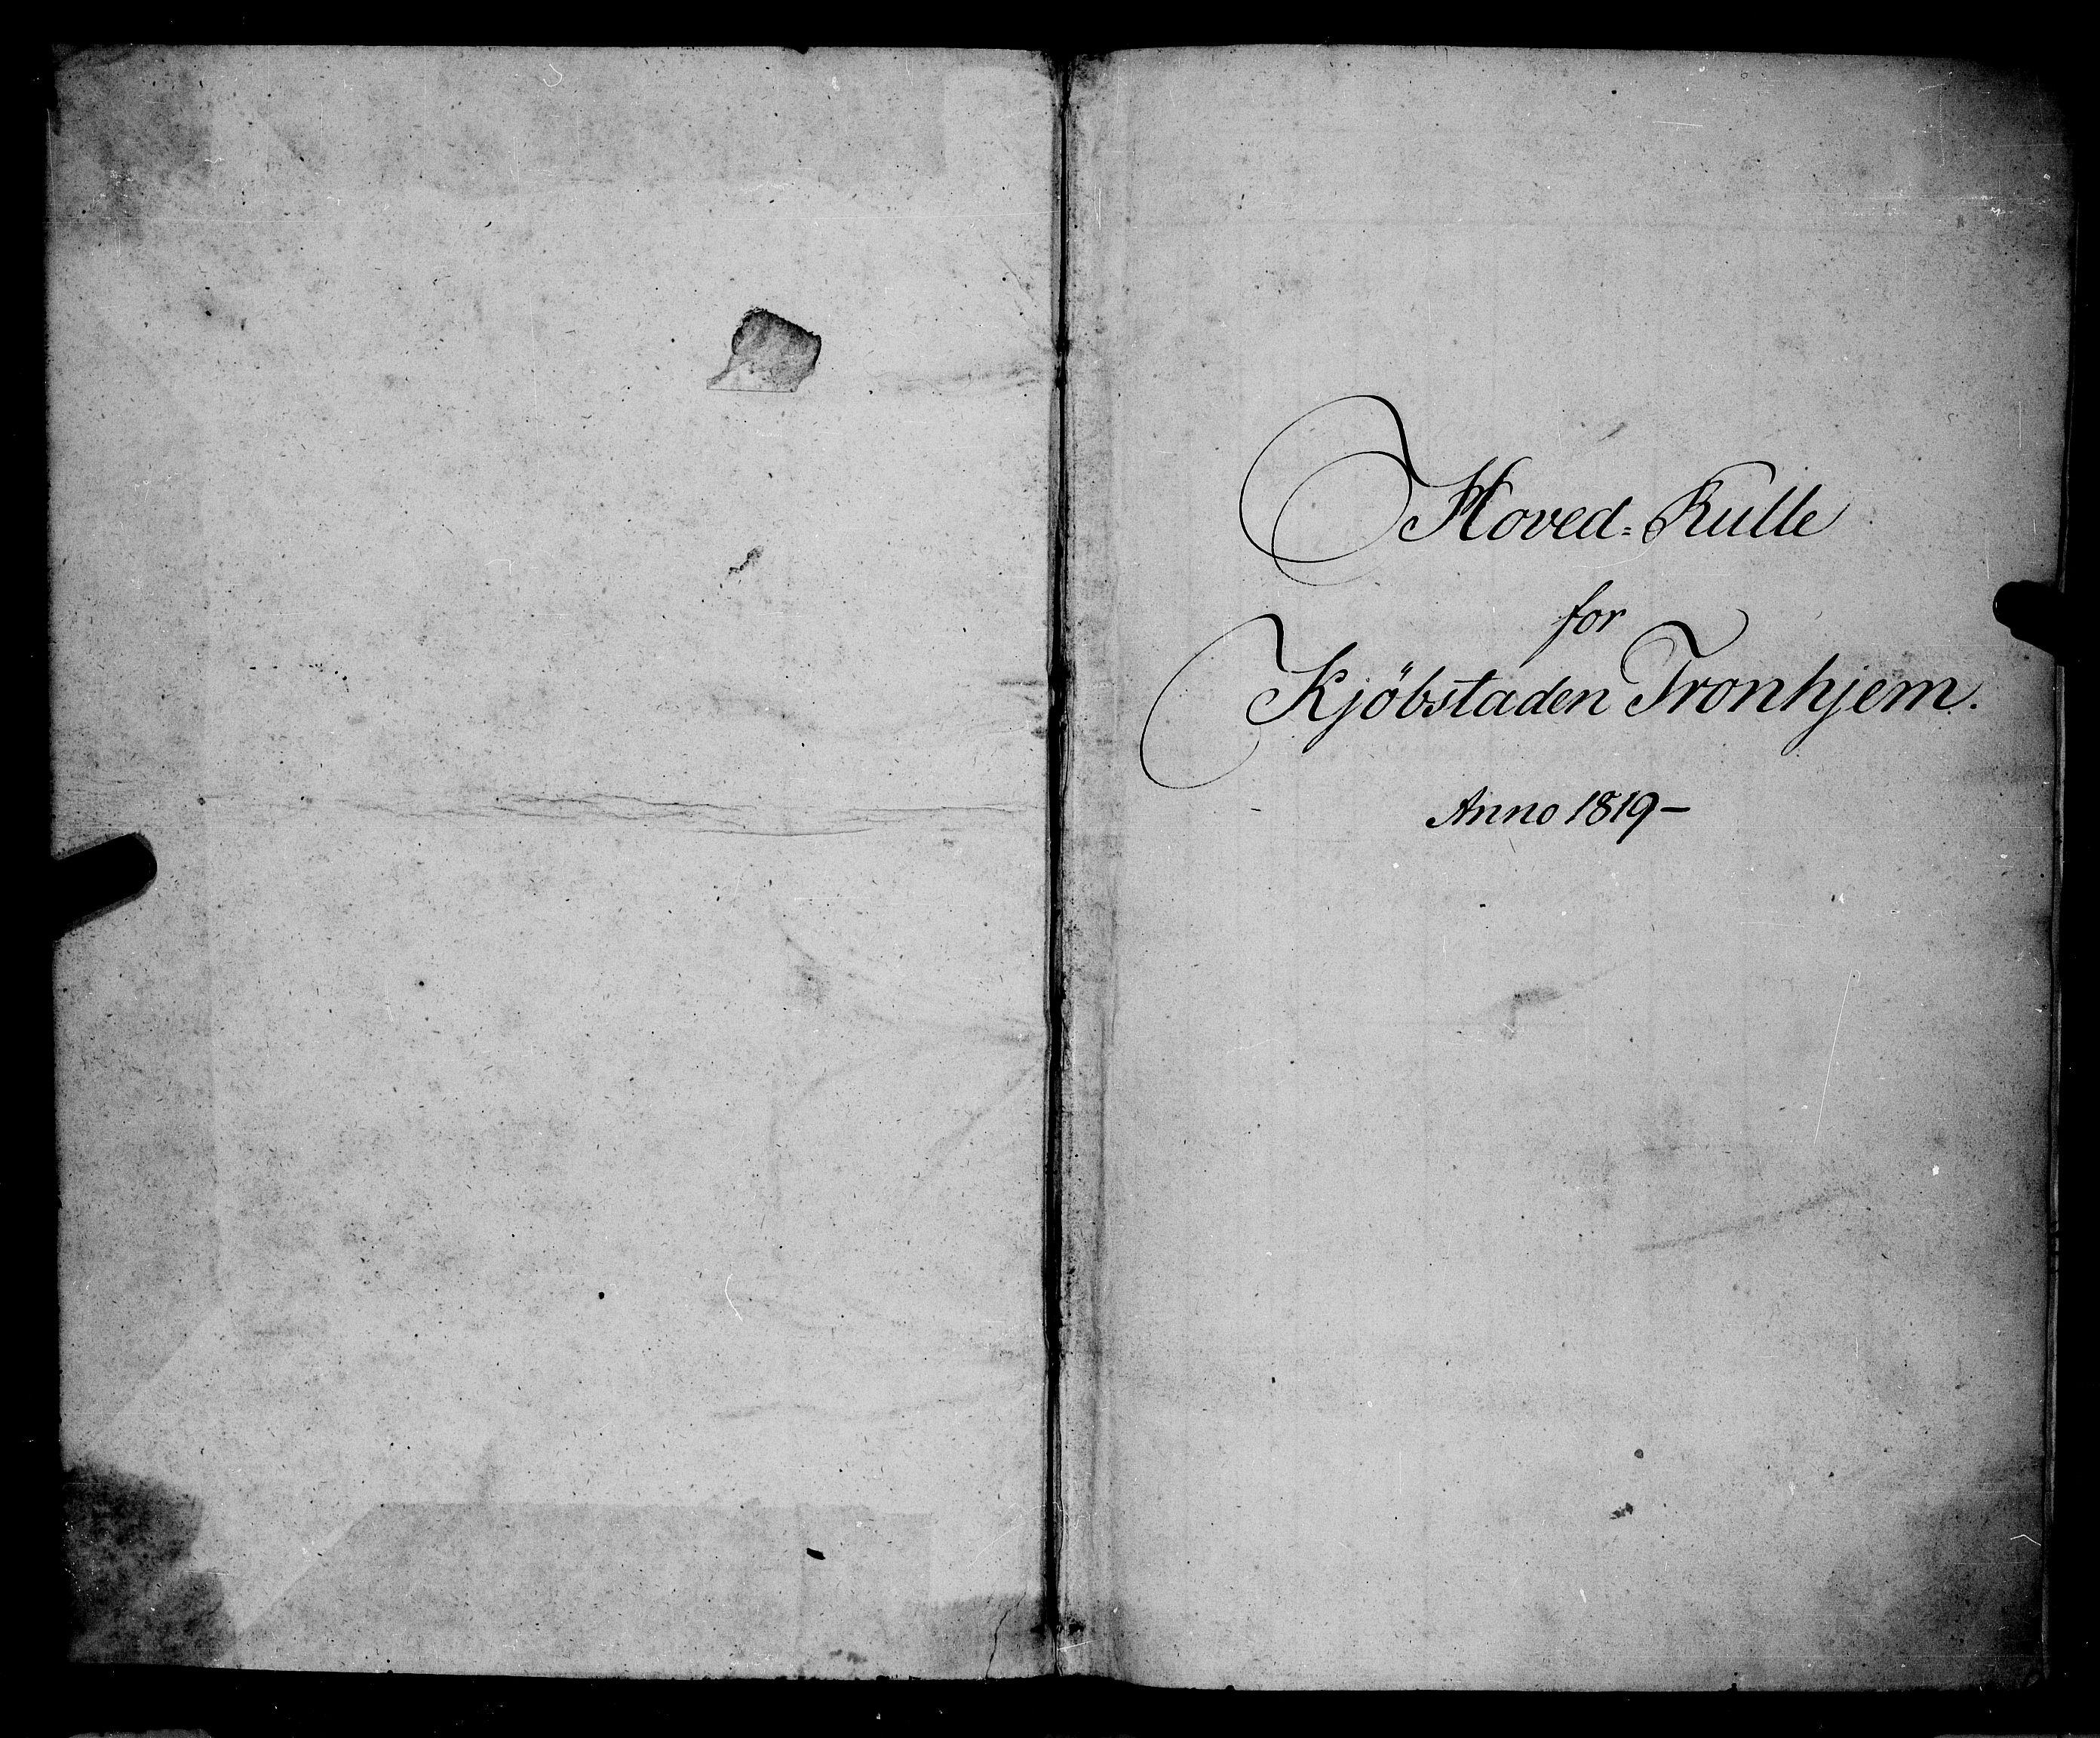 SAT, Sjøinnrulleringen - Trondhjemske distrikt, 01/L0015: Rulle over Trondhjem distrikt, 1819